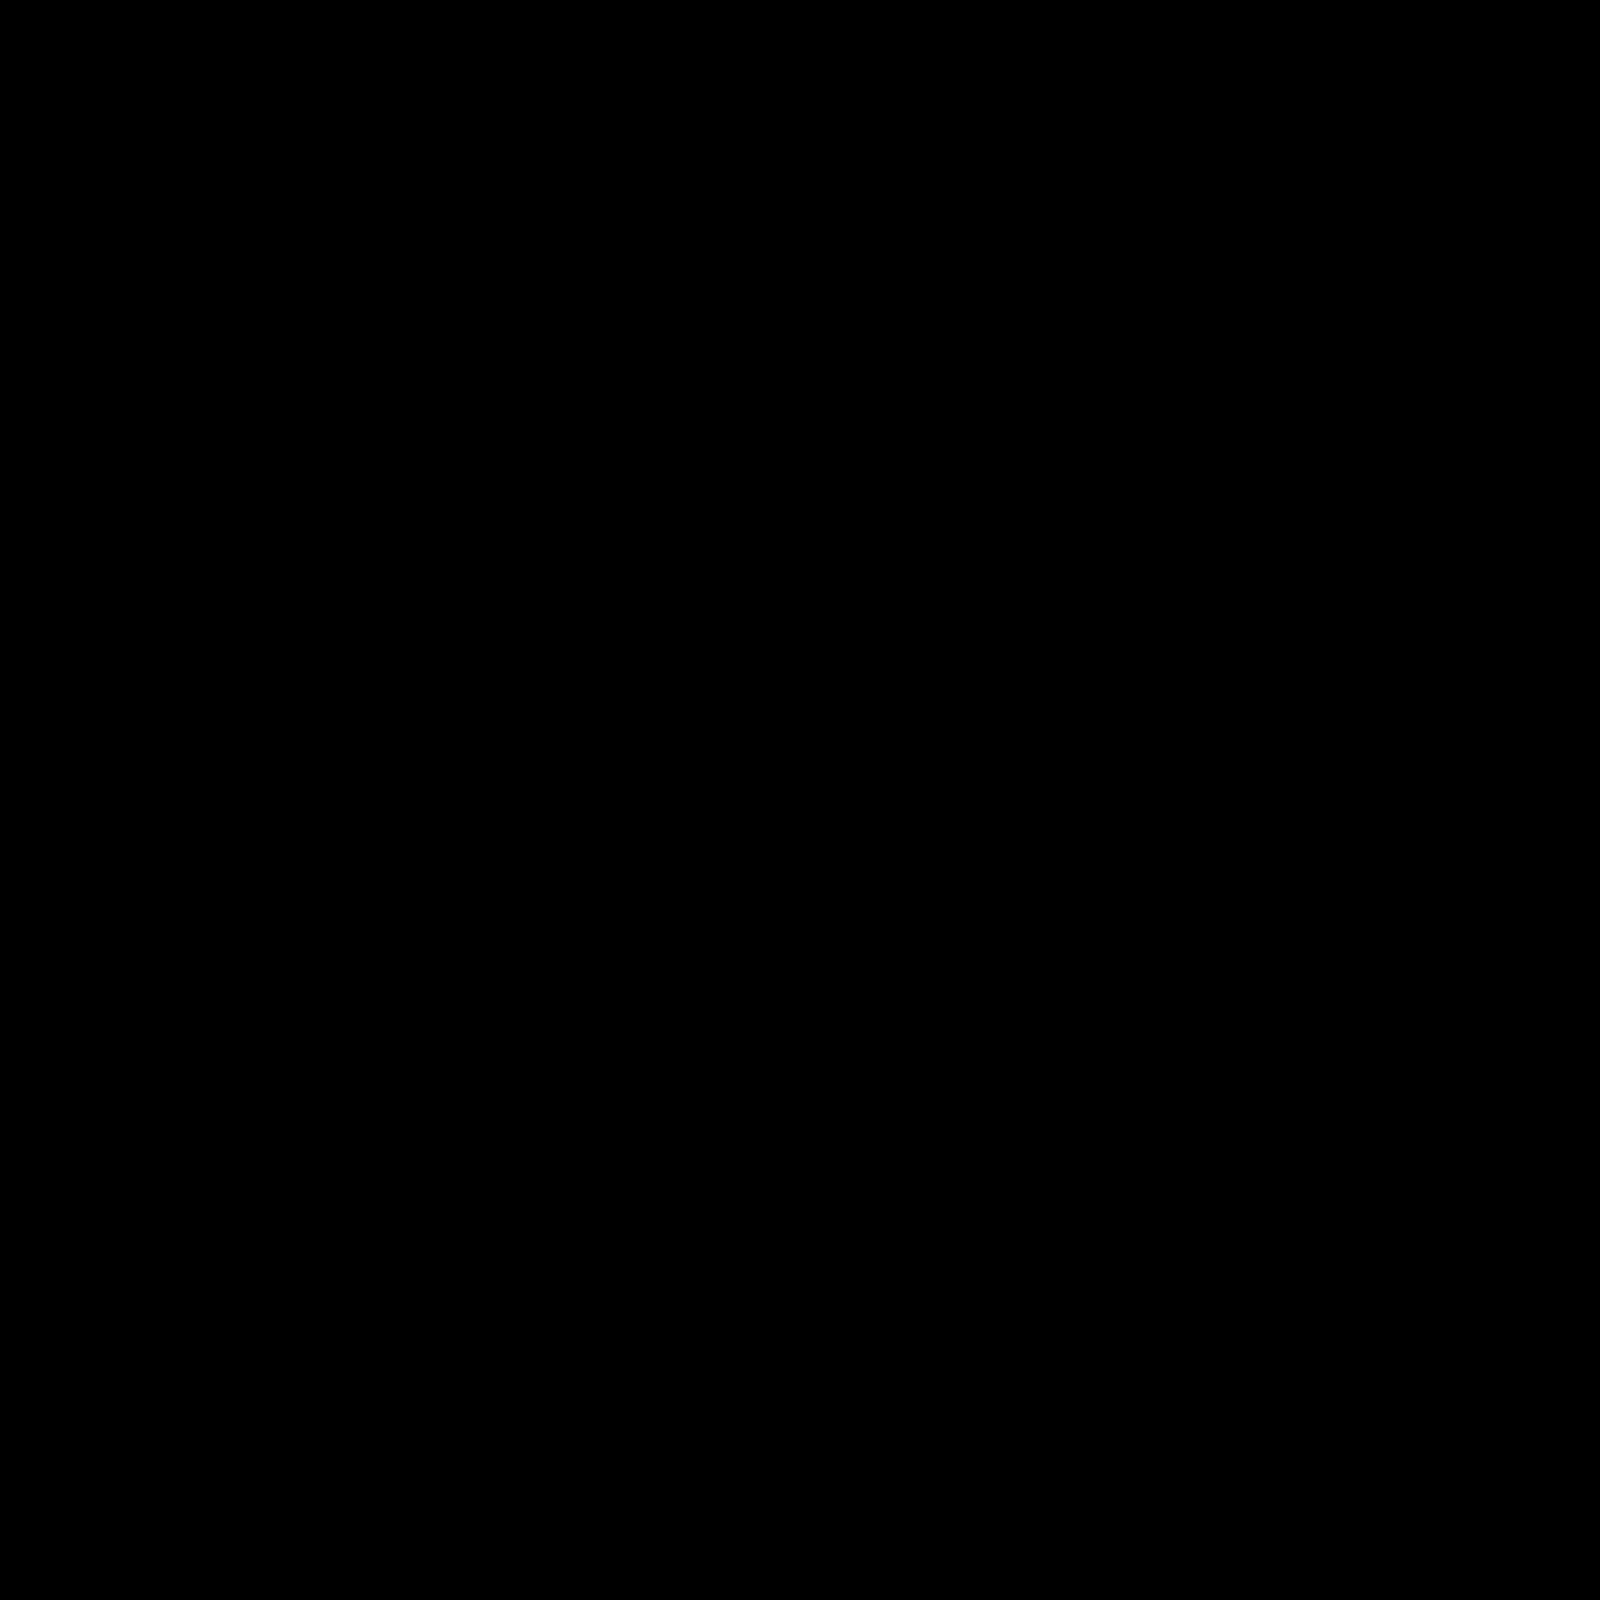 Nowy szablon CV icon